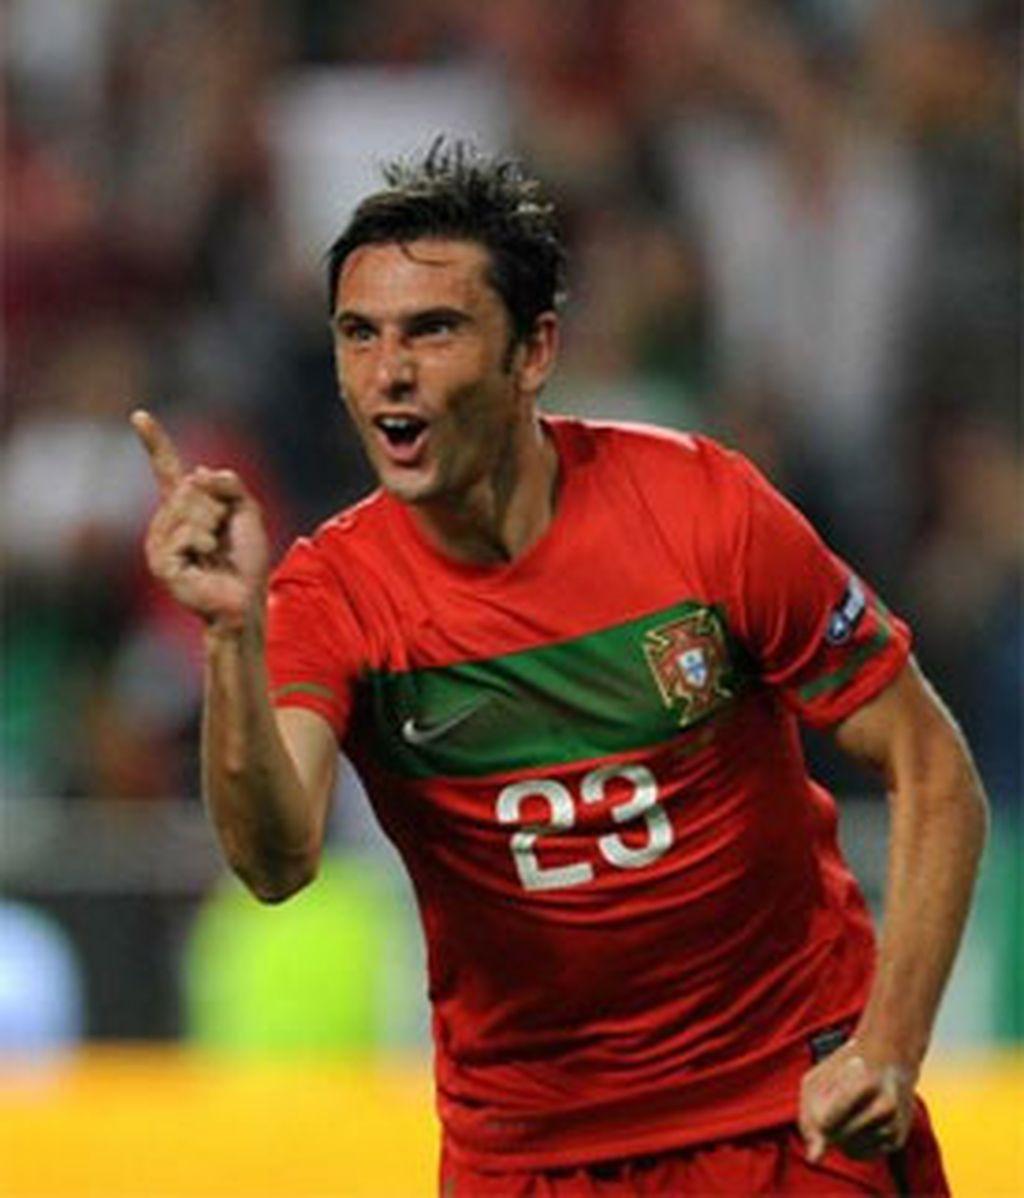 El internacional luso llega procedente del Sporting de Portuga. Foto: AP.